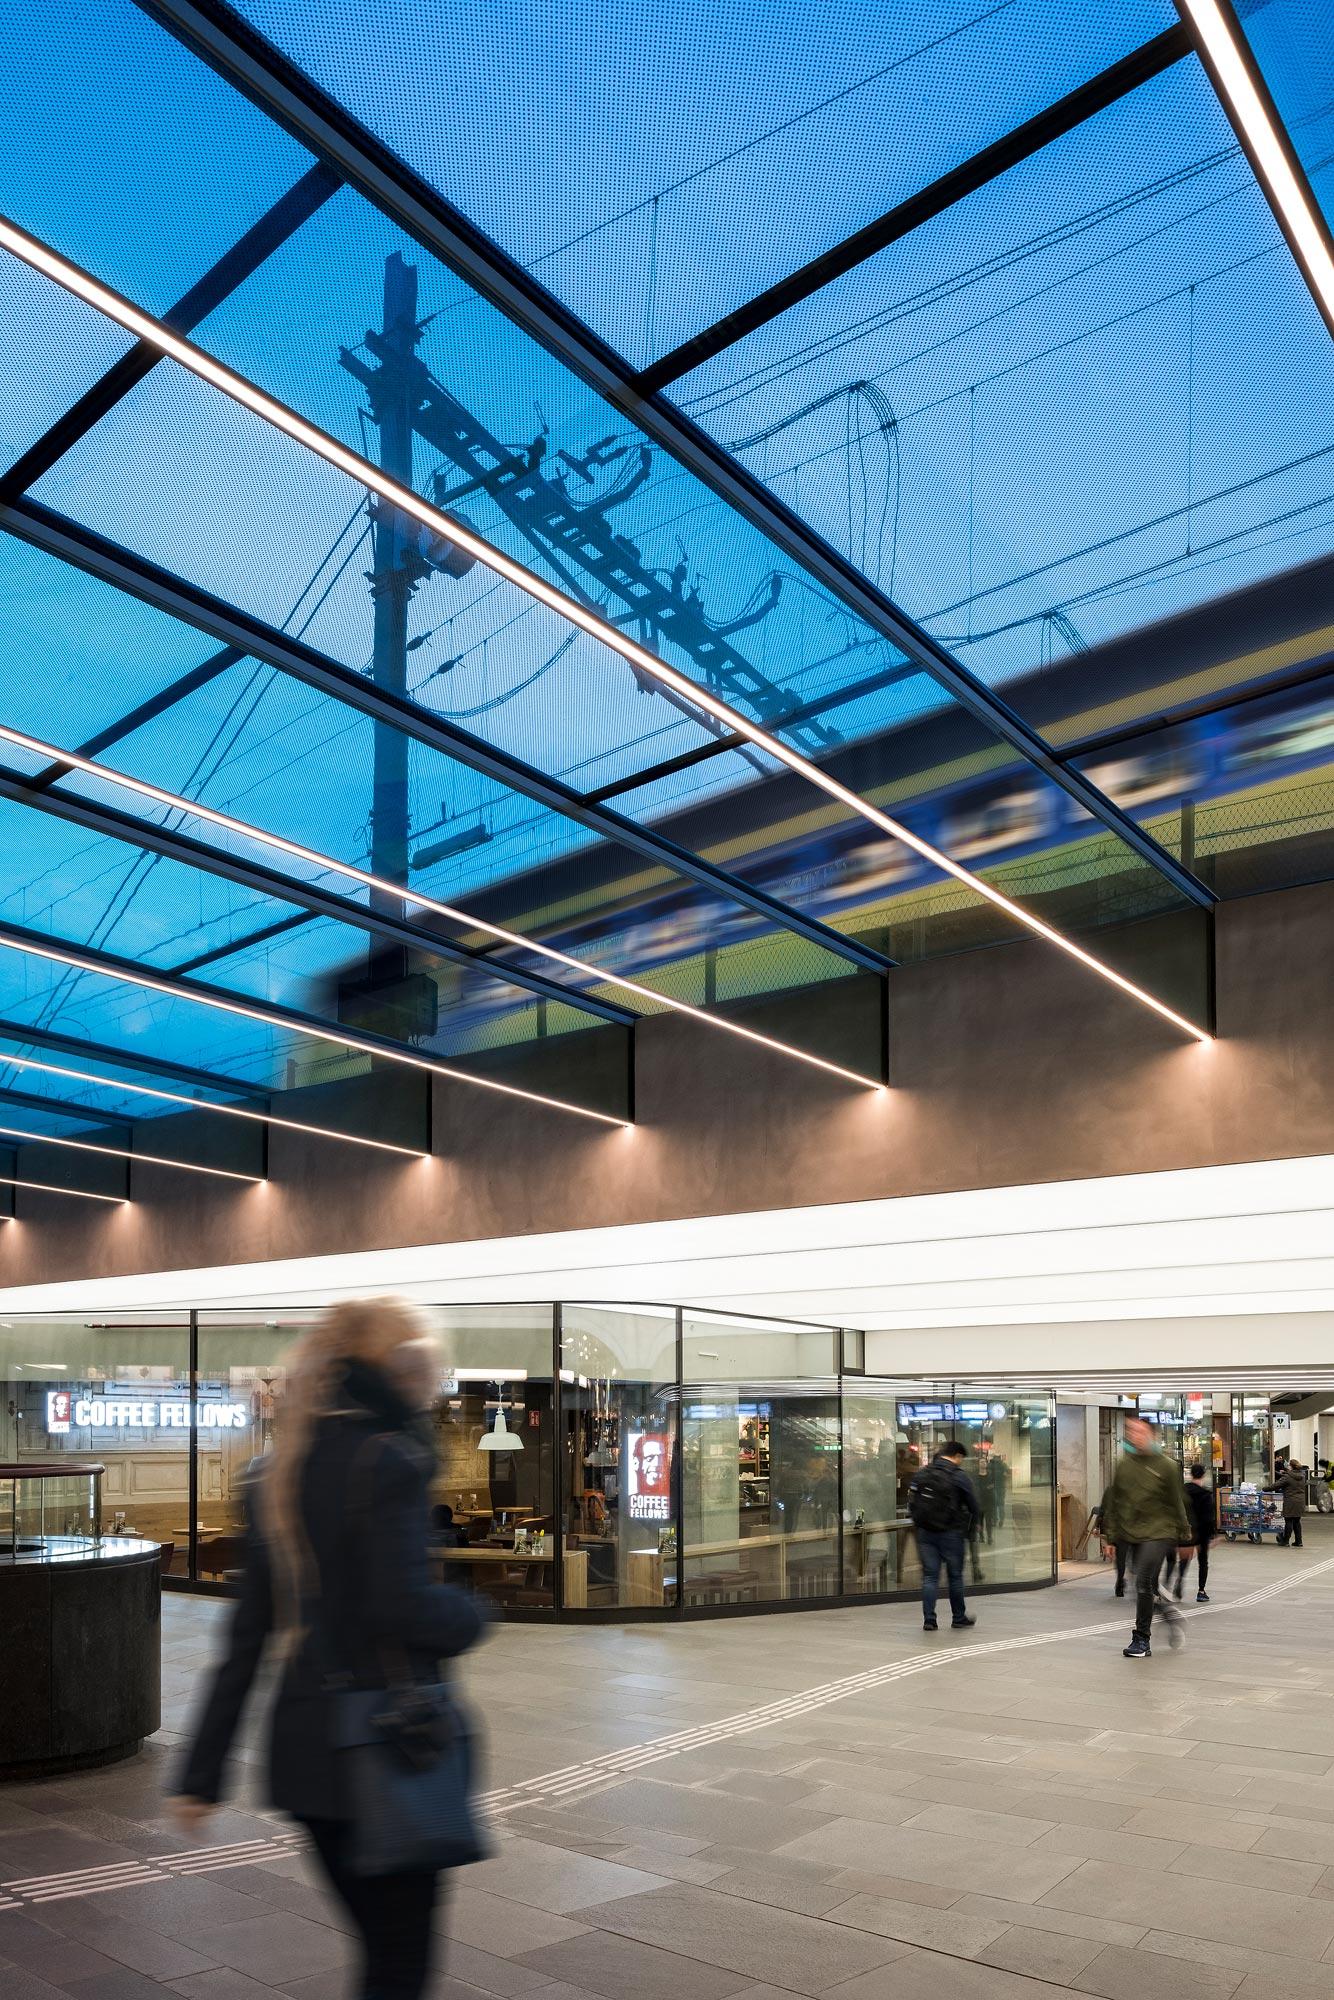 Station Eindhoven - fotografie Chiel de Nooyer, fotograaf interieur en architectuur